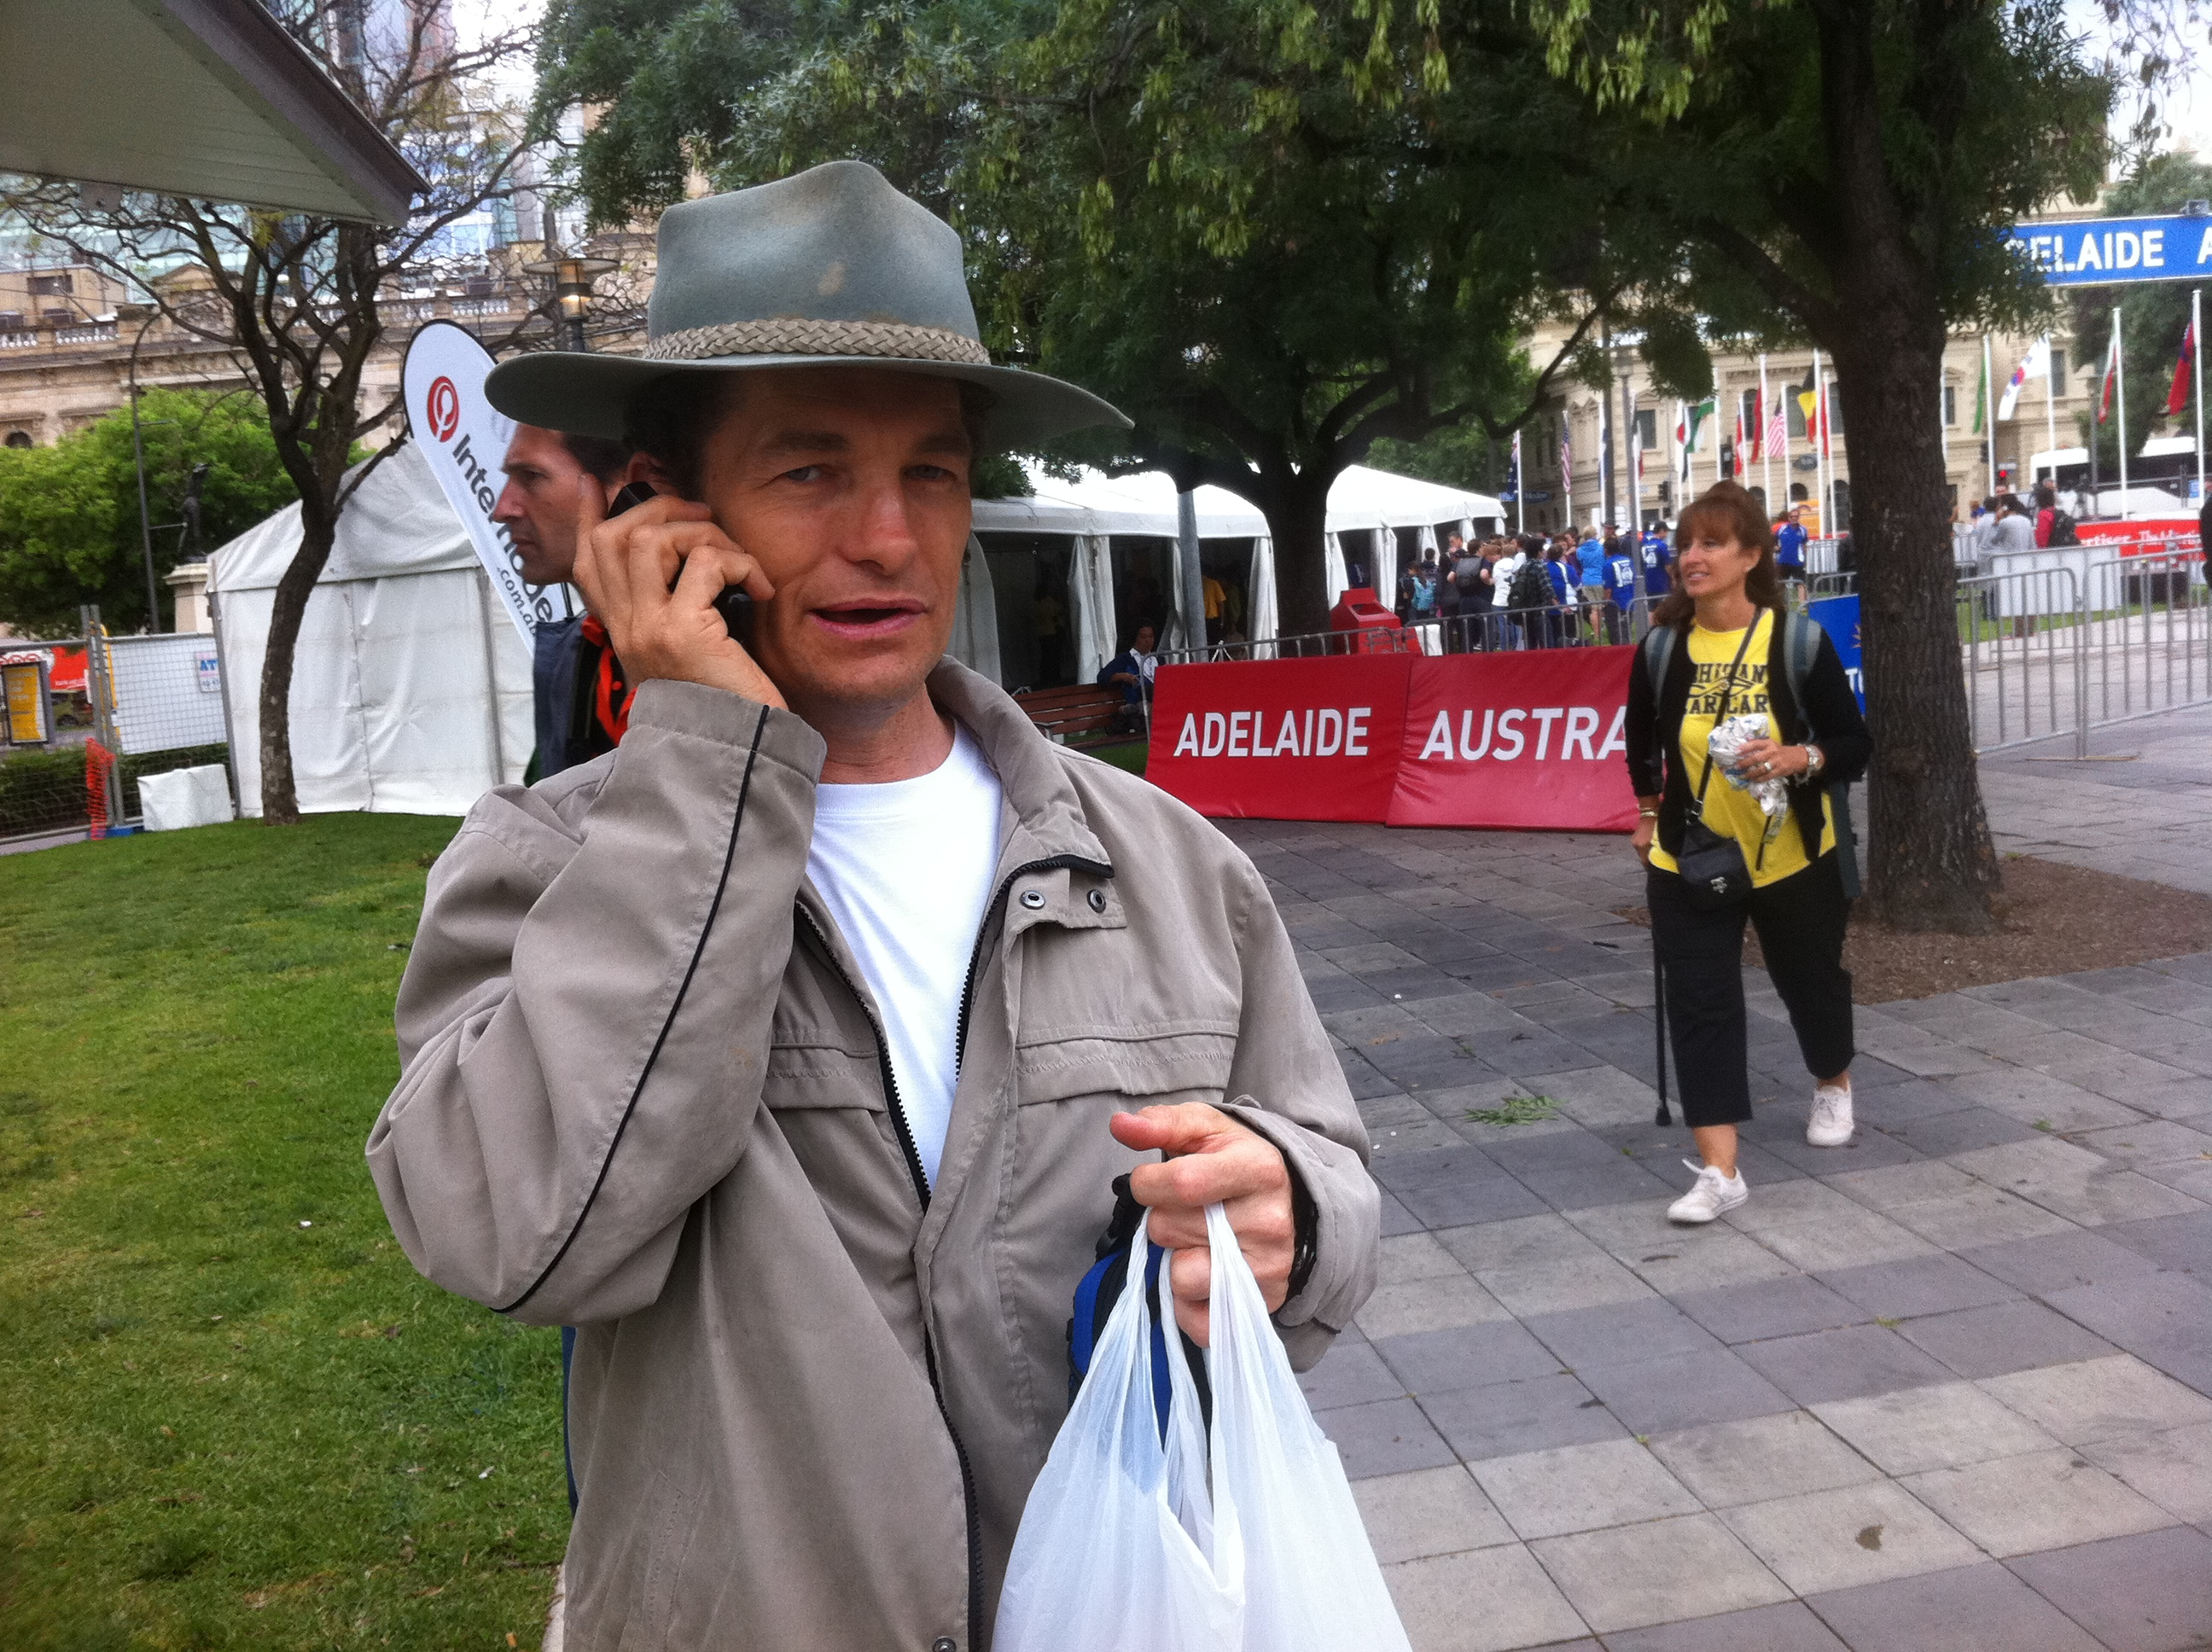 Garrick Everett at Victoria Square at the Veolia World Solar Challenge 2011